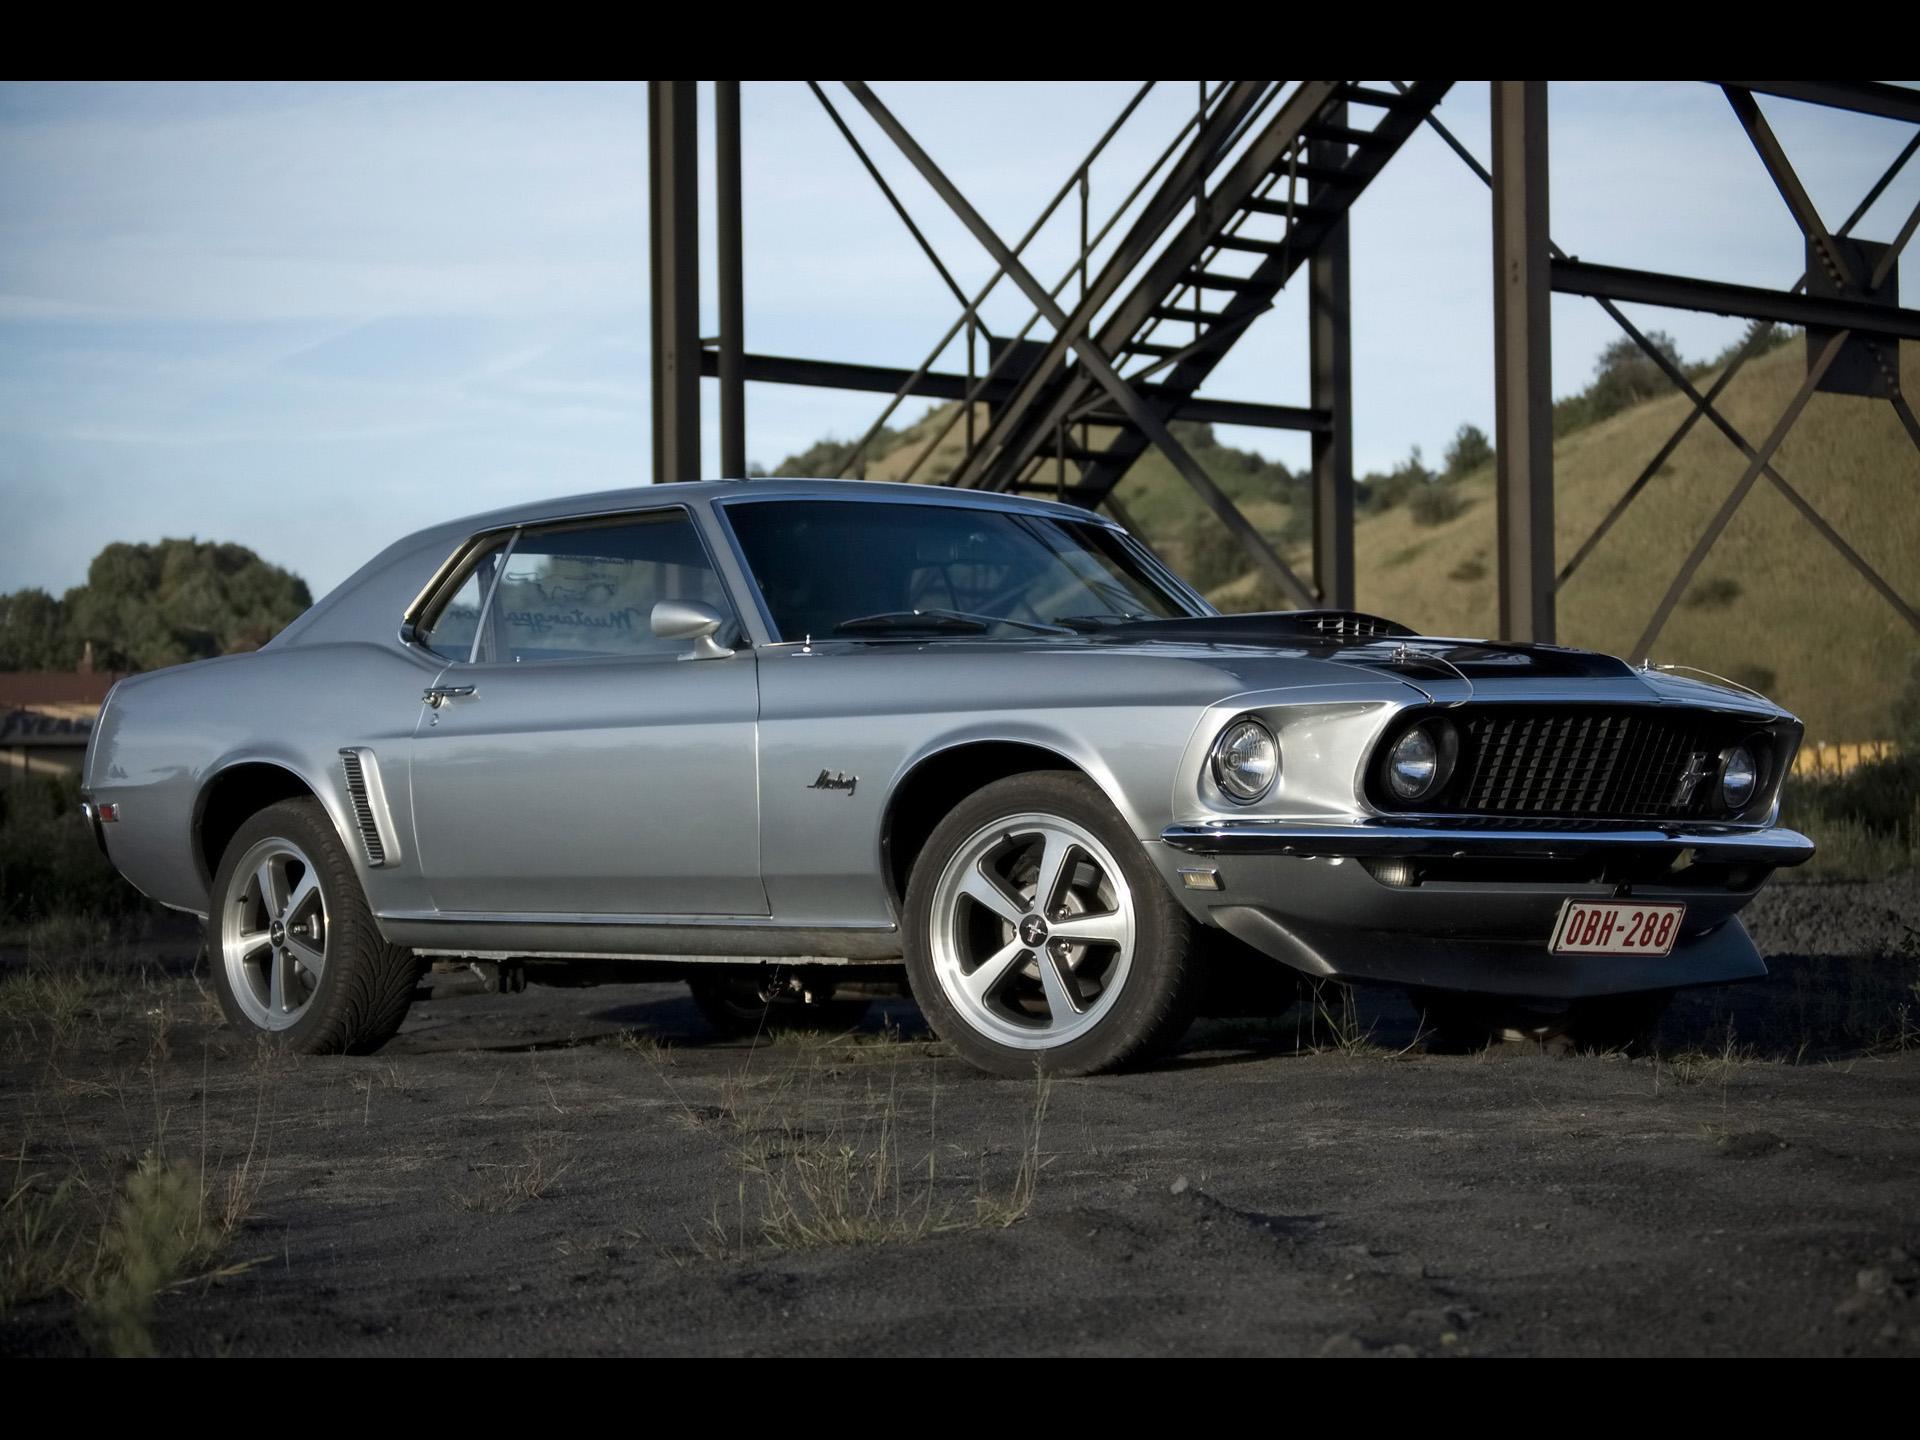 1969 ford mustang hardtop side angle 1920x1440 jpg